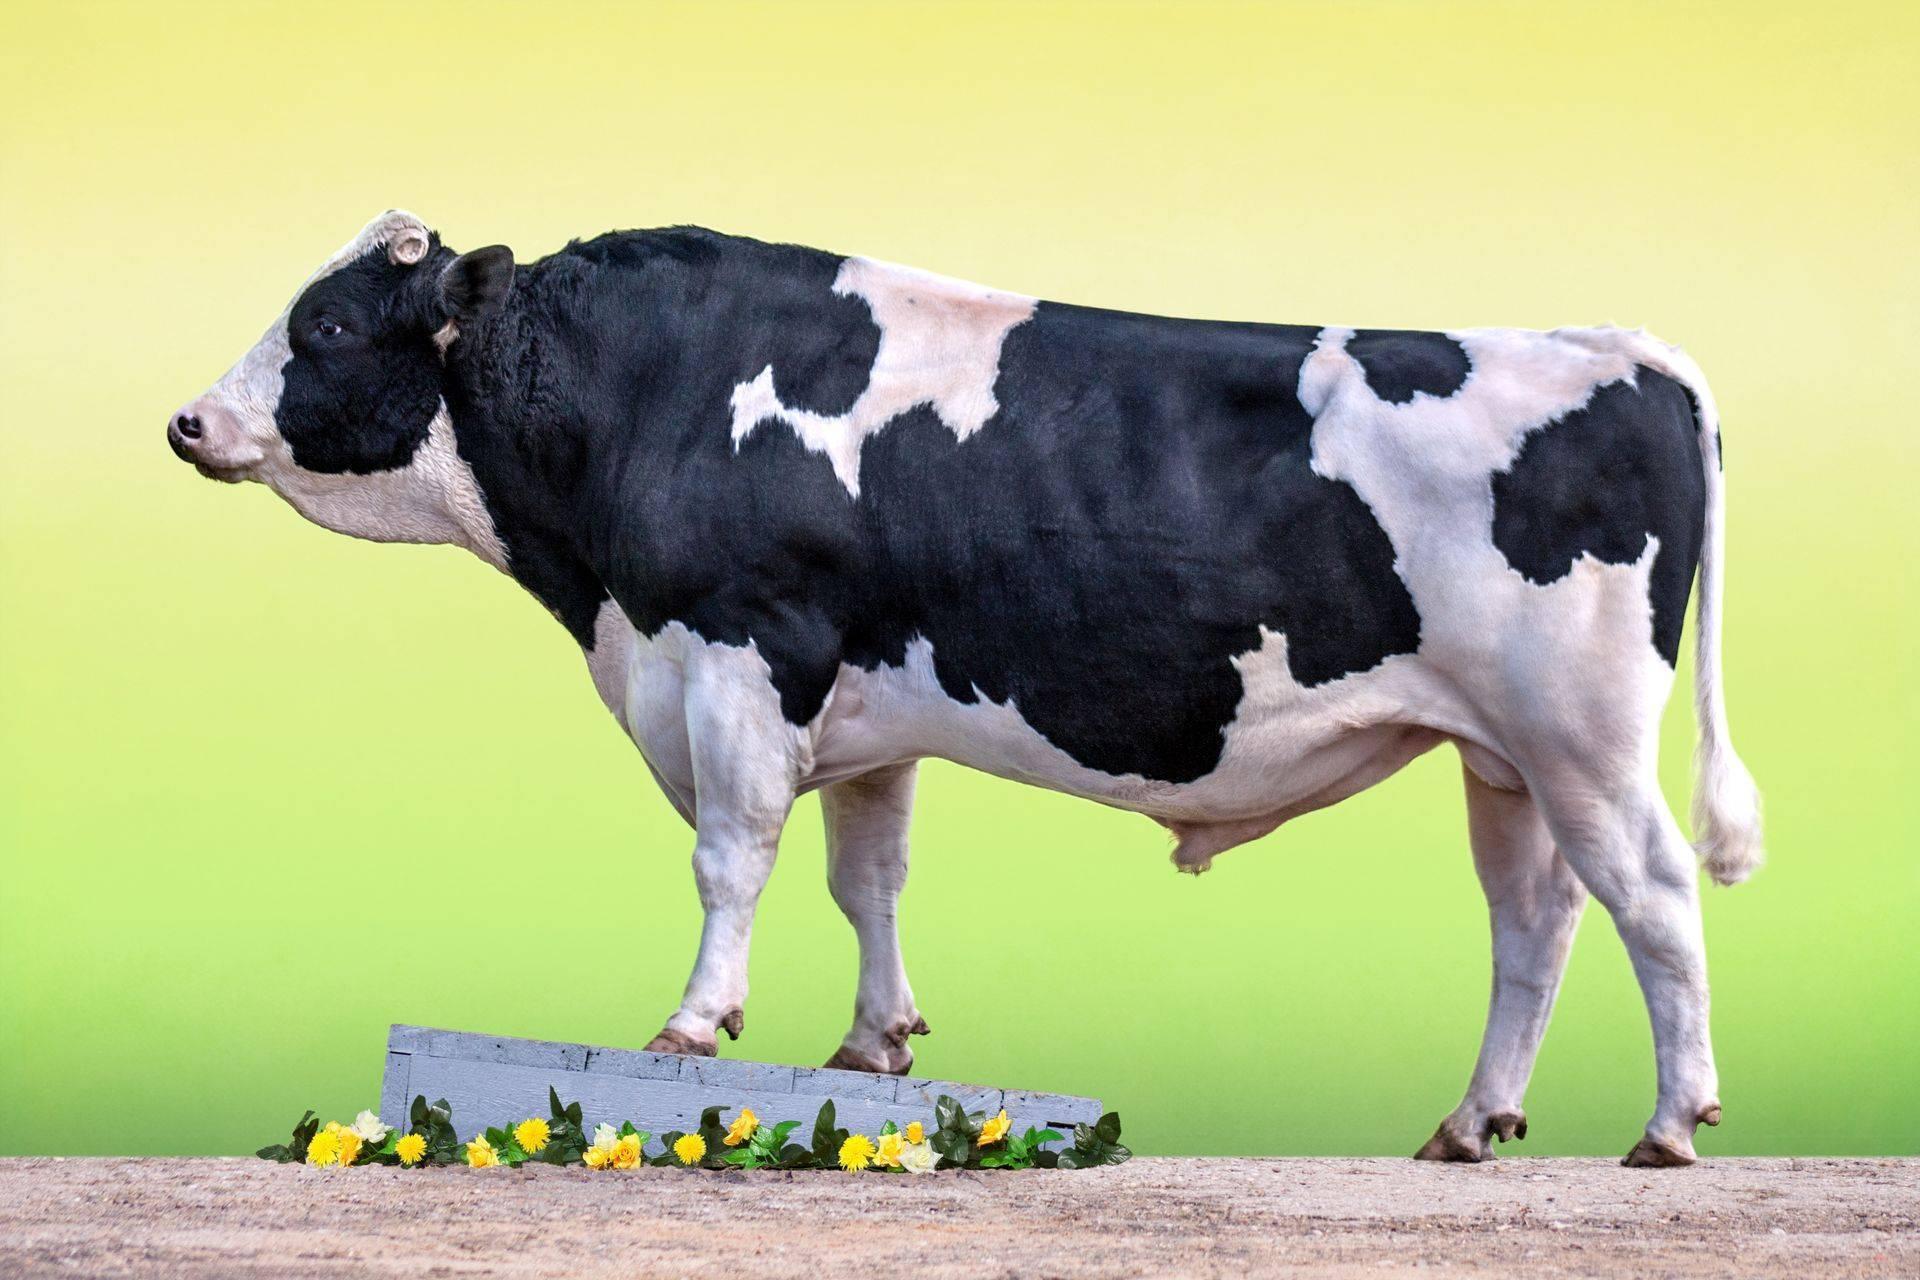 Как узнать вес крс без весов: быка, коровы, теленка